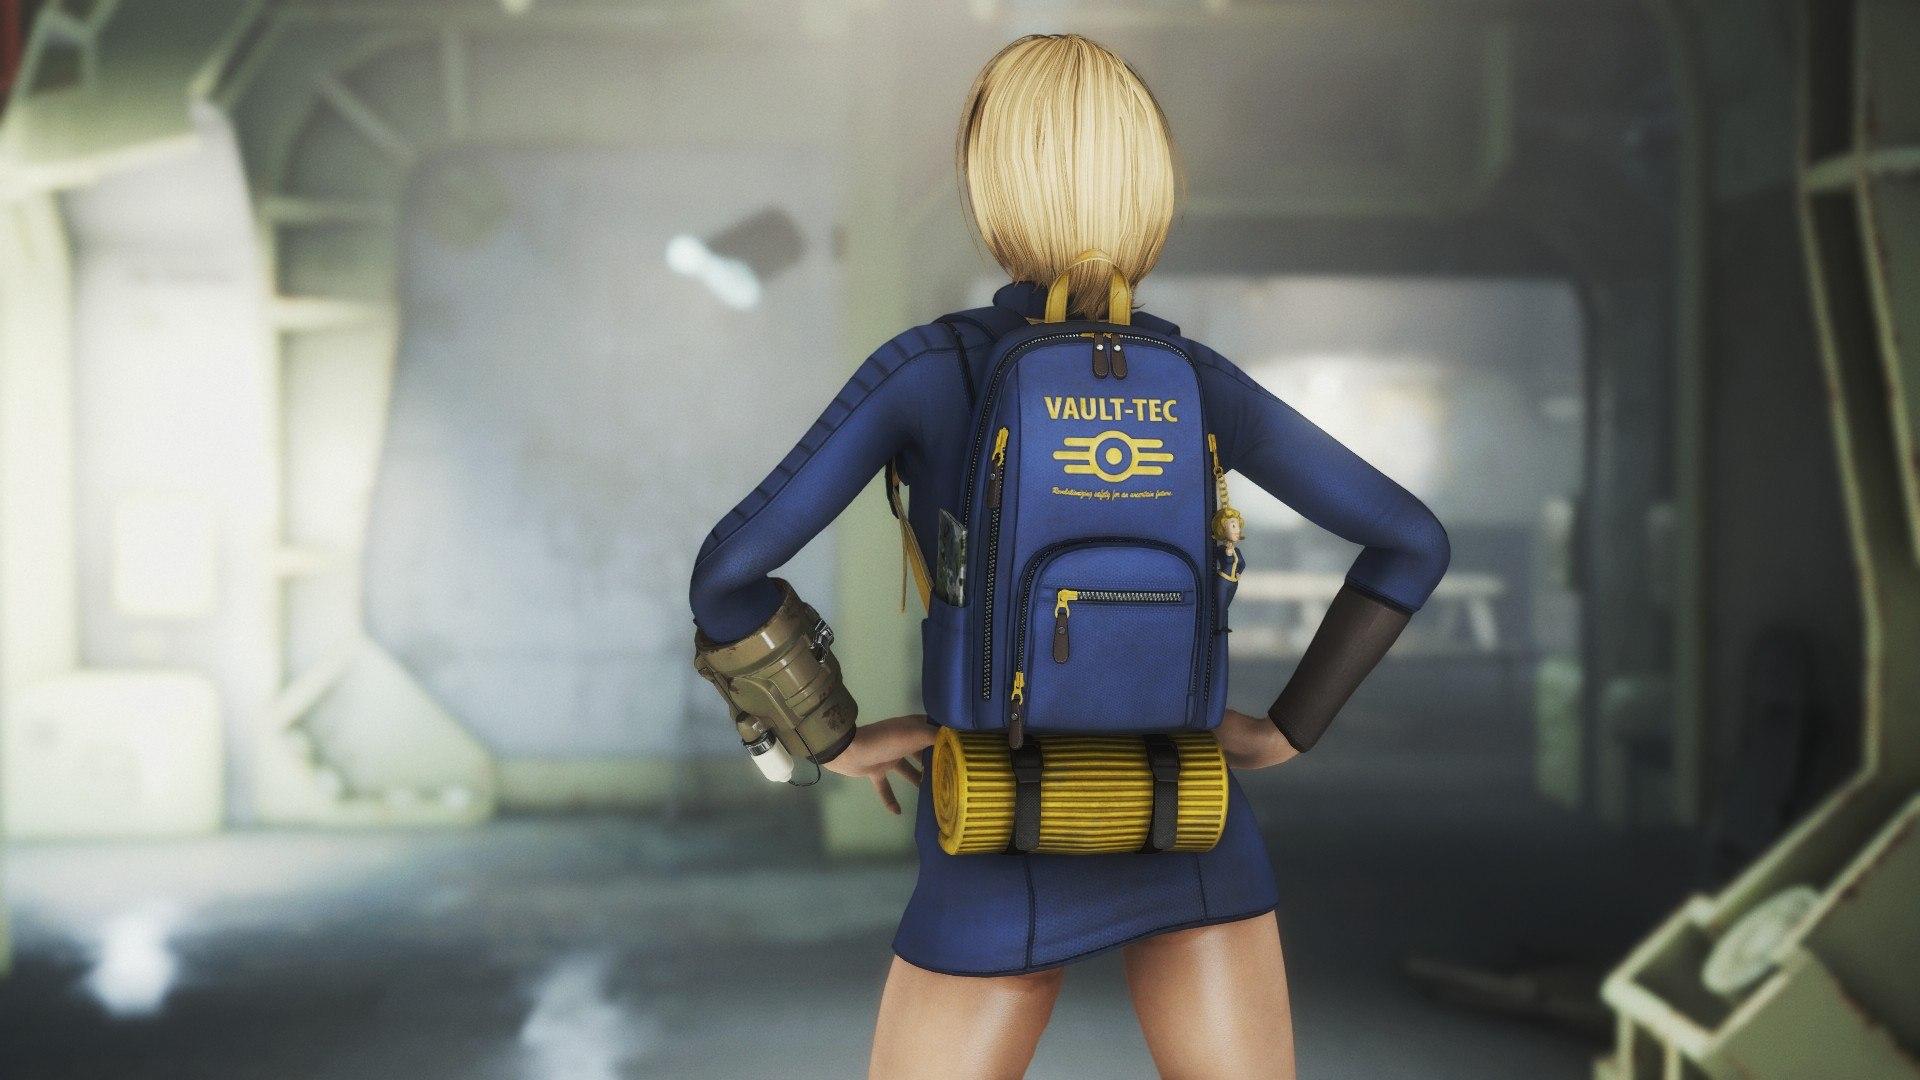 Скачать Одежда убежища 111 от DeserterX / Vault 111 Outfit CBBE